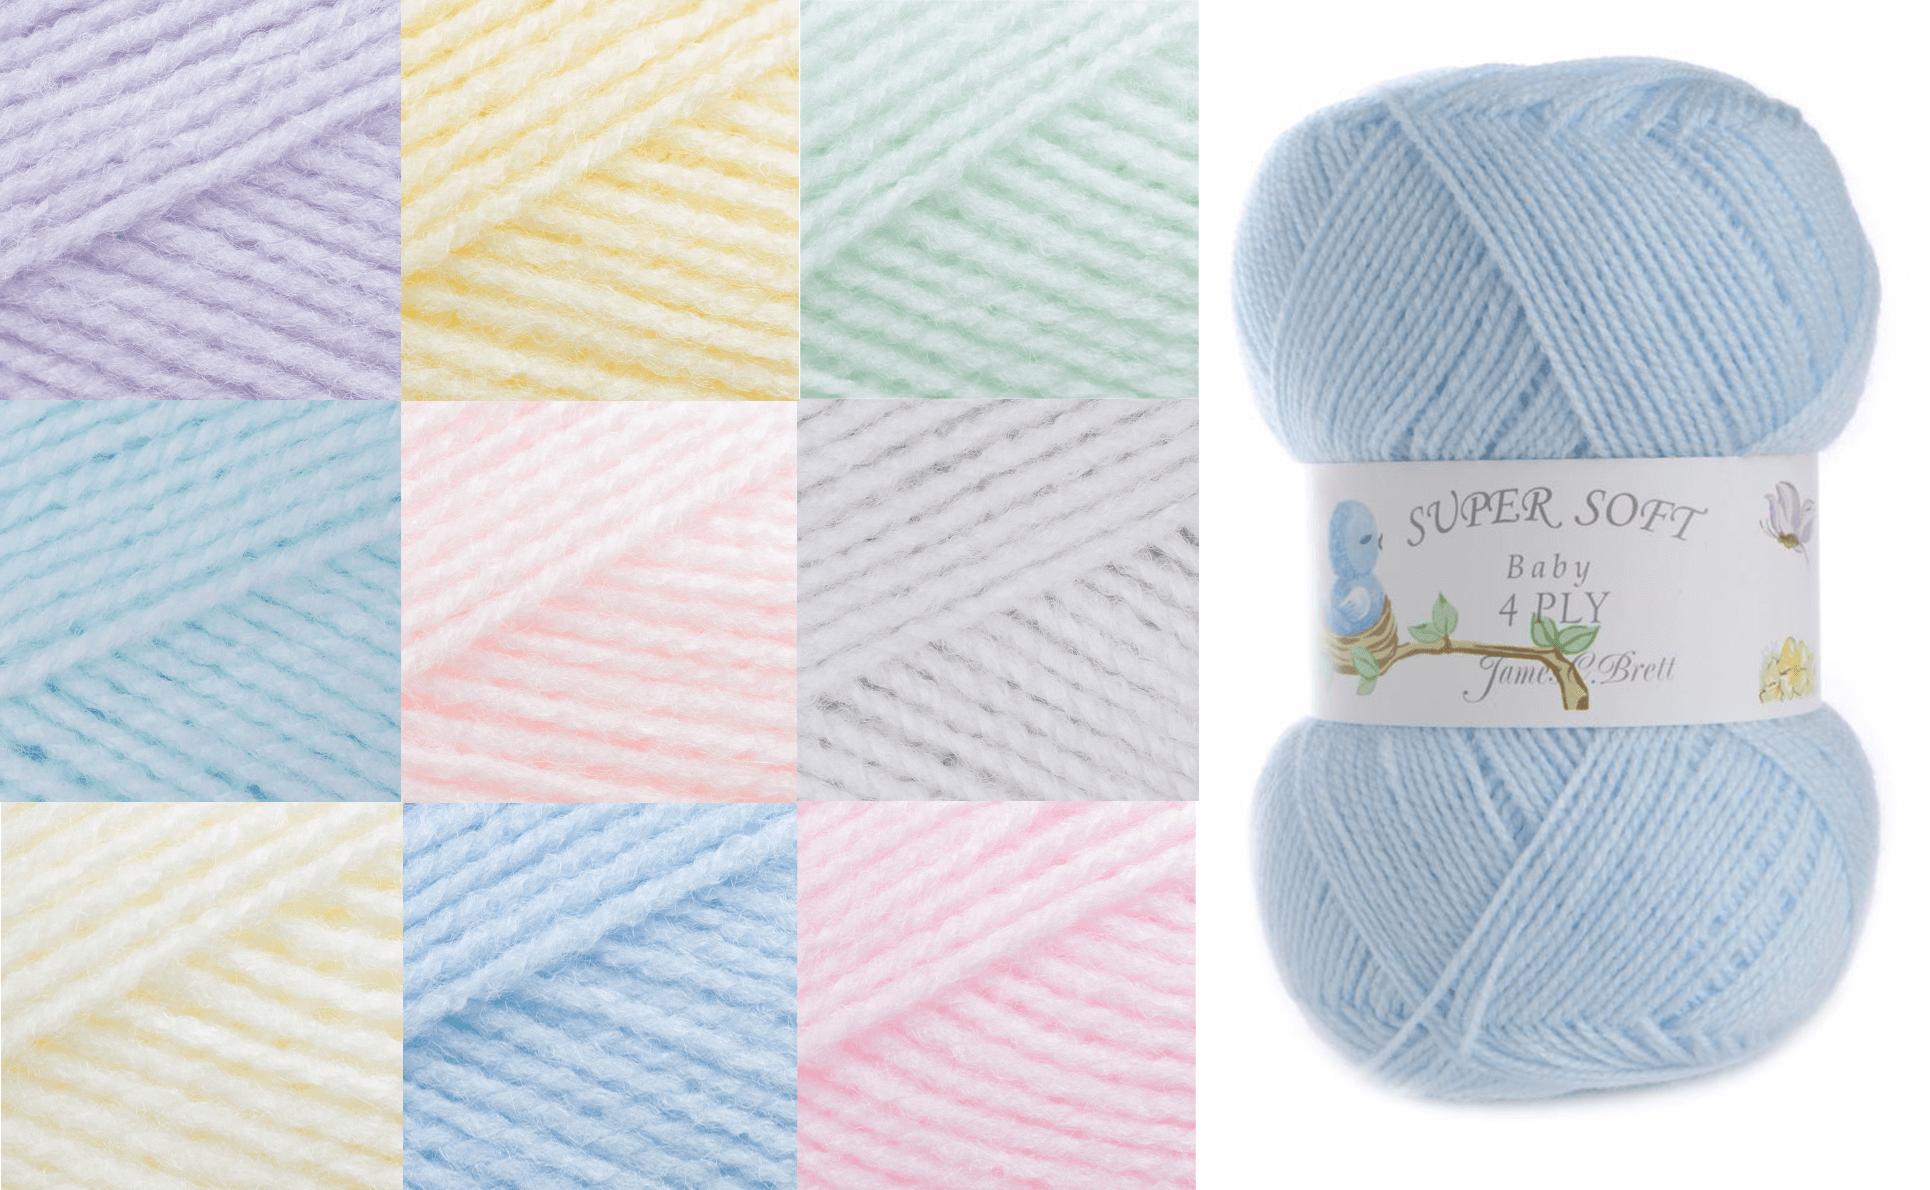 James C Brett Baby 4 Ply Yarn 100g Knitting Yarn Knit Wool Craft 100% Acrylic BY1